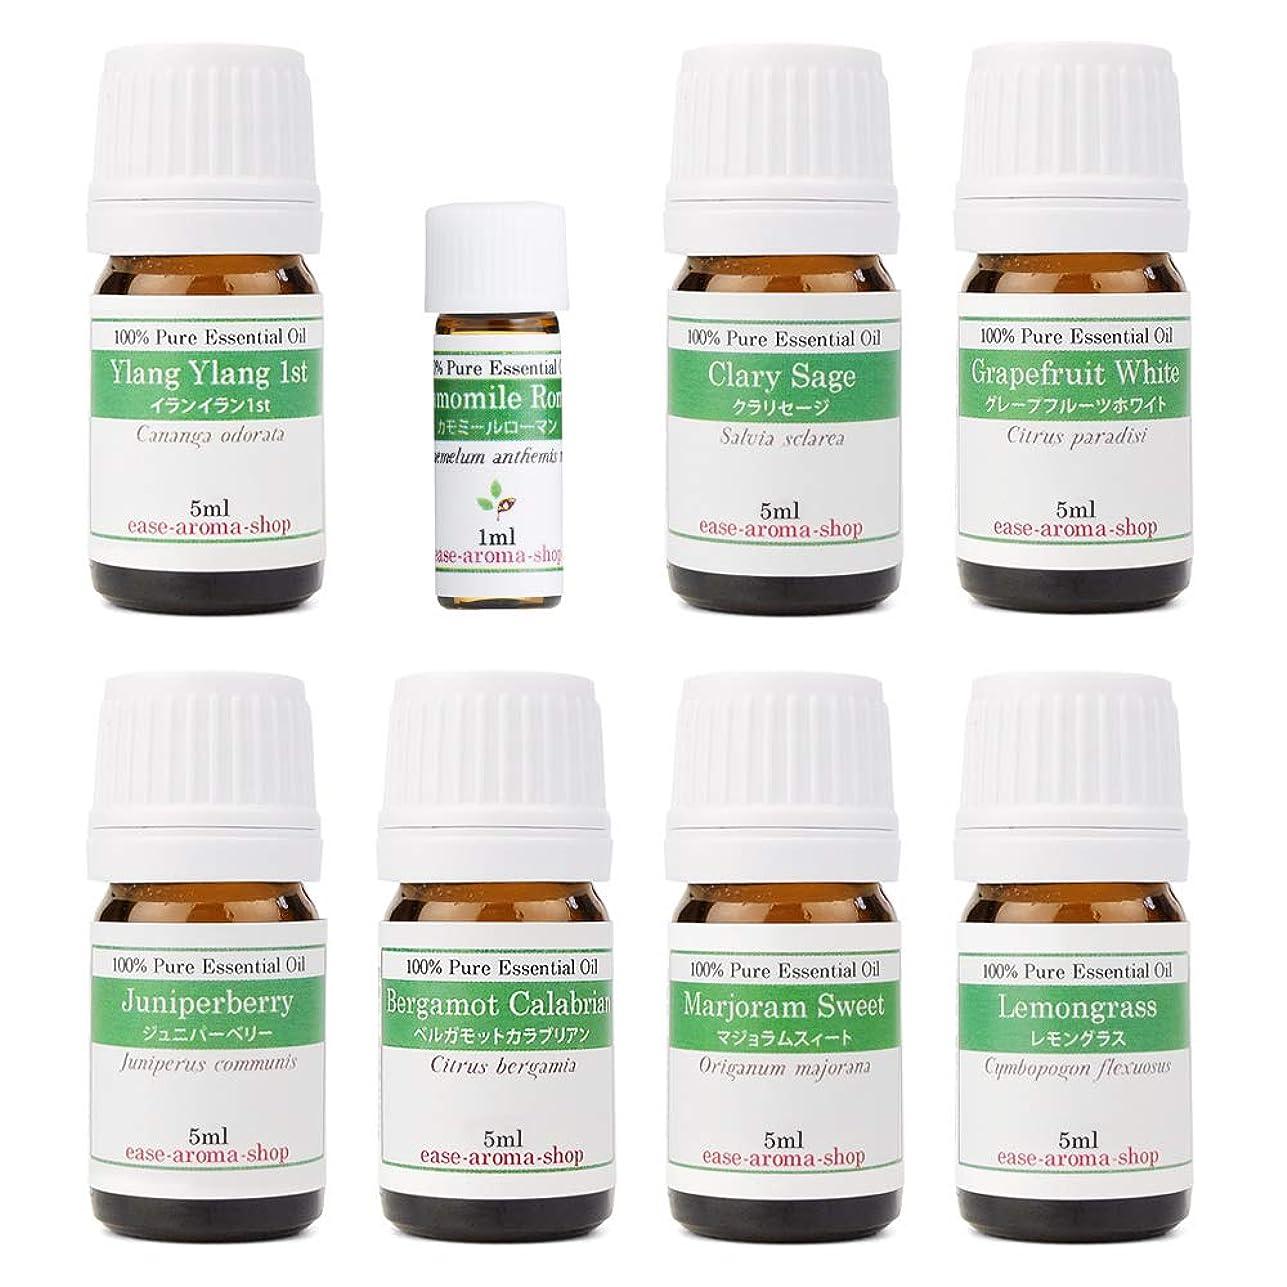 膨張する聖なる防止【2019年改訂版】ease AEAJアロマテラピー検定香りテスト対象精油セット 揃えておきたい基本の精油 1級 8本セット各5ml